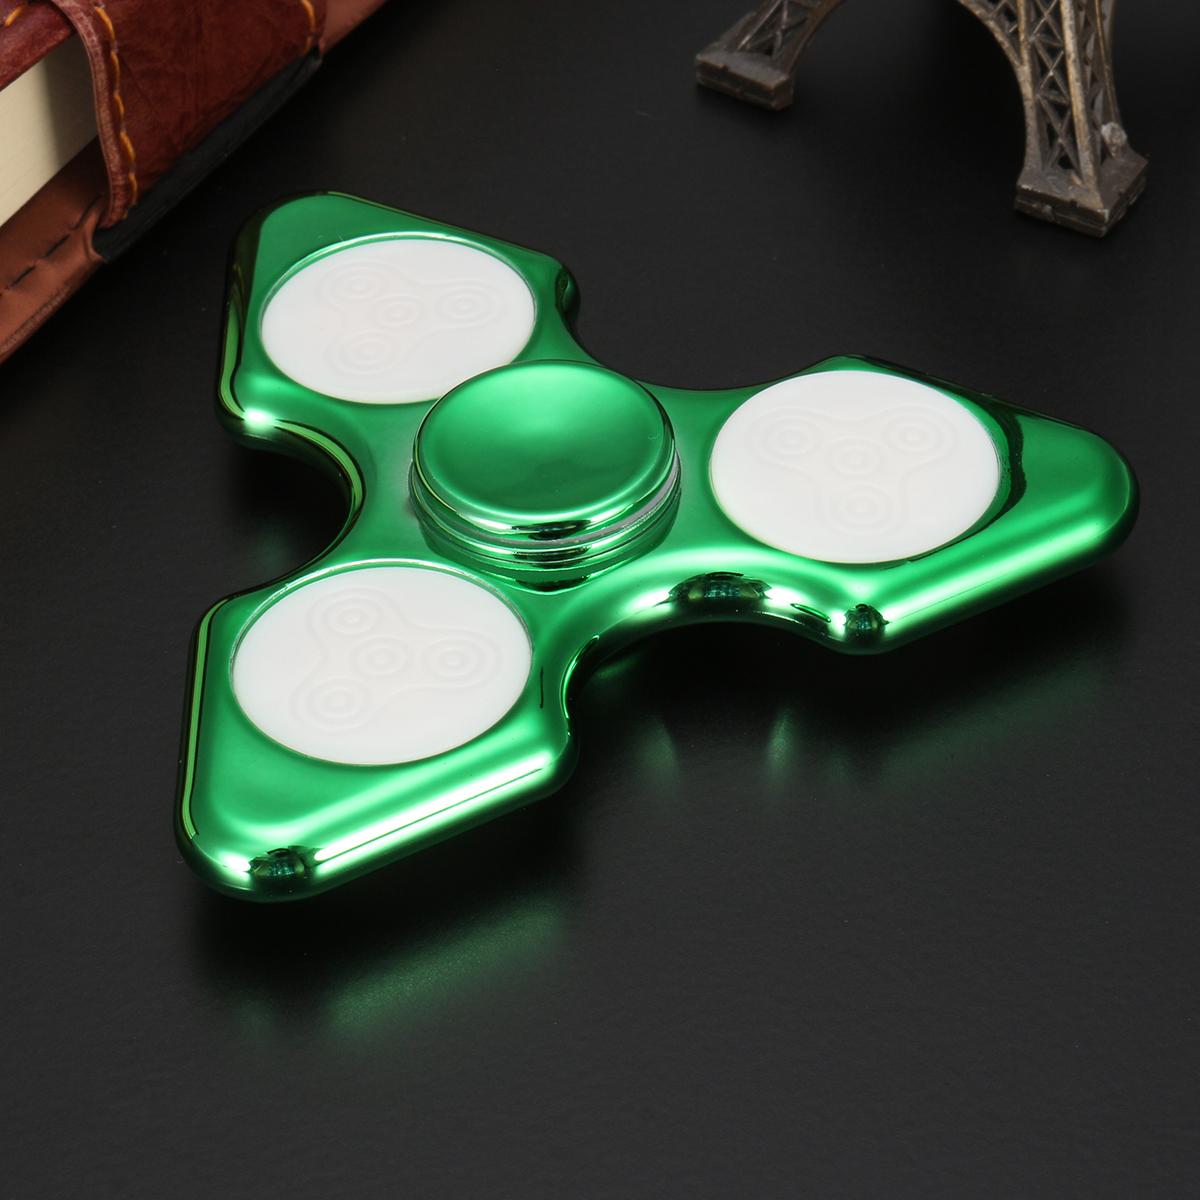 ECUBEE Hand Spinner ABS 3-Pin Green Fidget Spinner Finger Focus Reduce Stress Gadget